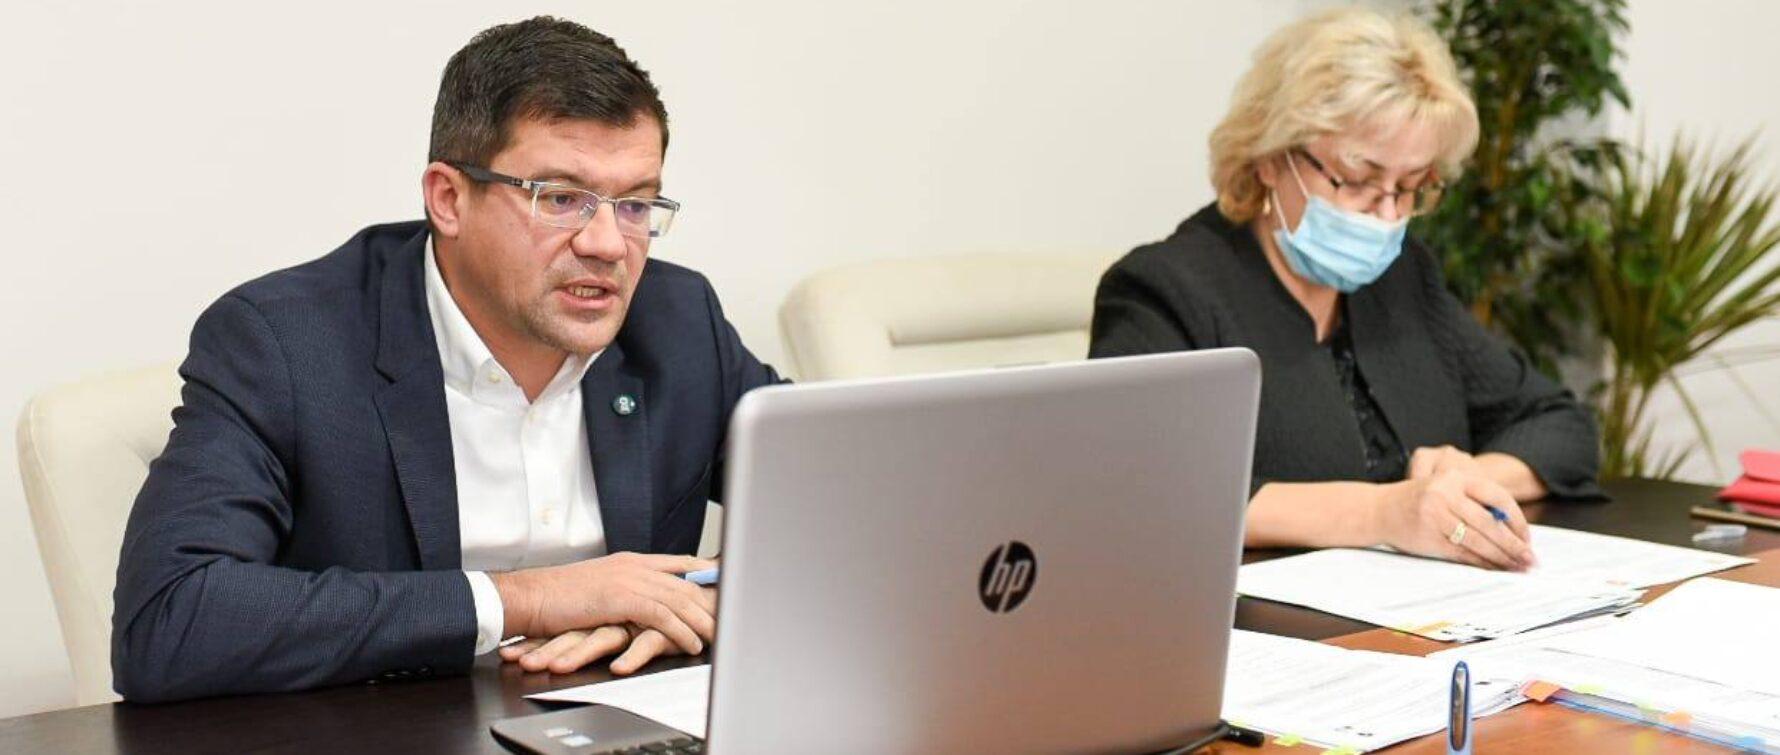 Costel Alexe: Sănătatea are prioritate. Spitalul modular de la Leţcani va avea două linii de gardă